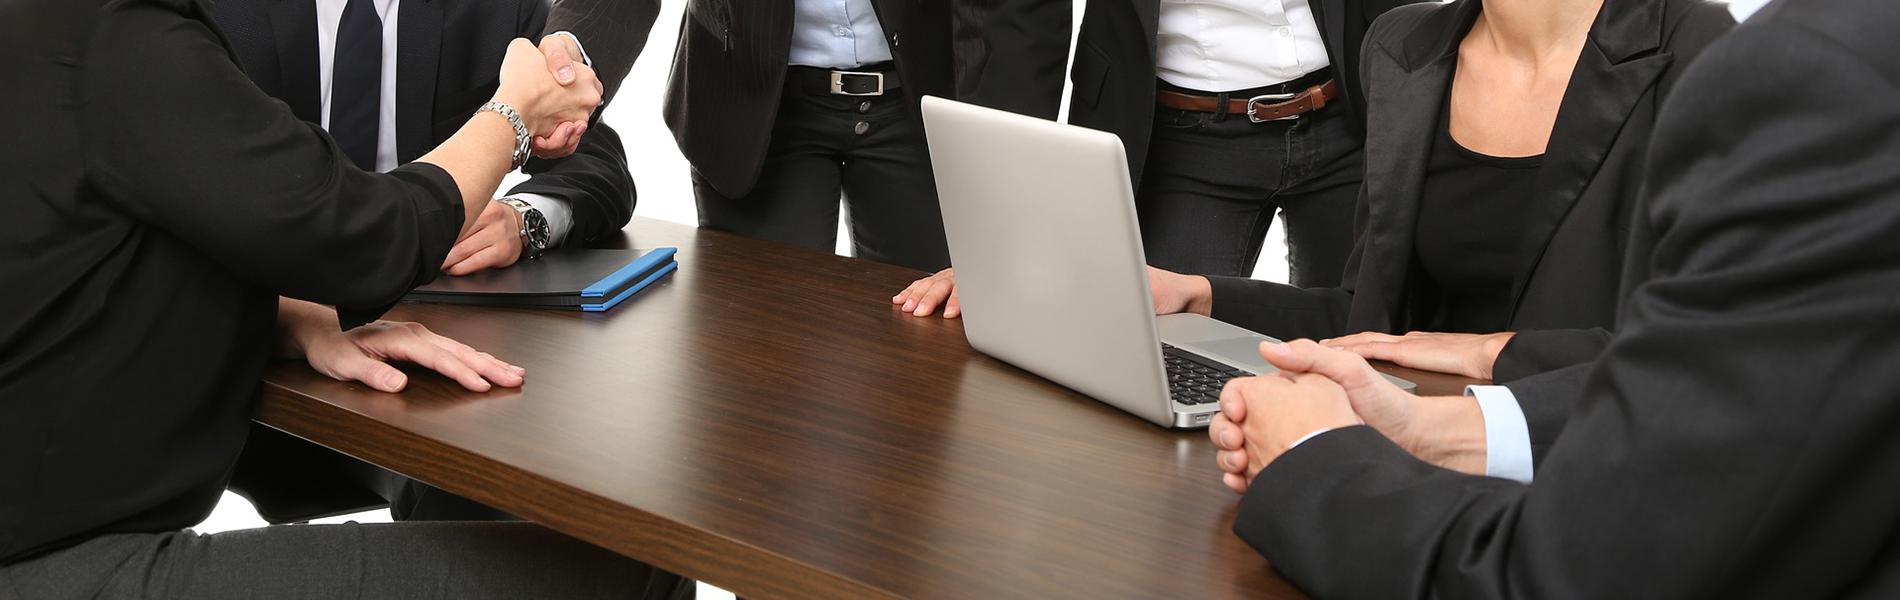 ヒューマンリソースコンサルタント HRC | 中小企業の人事制度構築を支援するコンサルティング会社